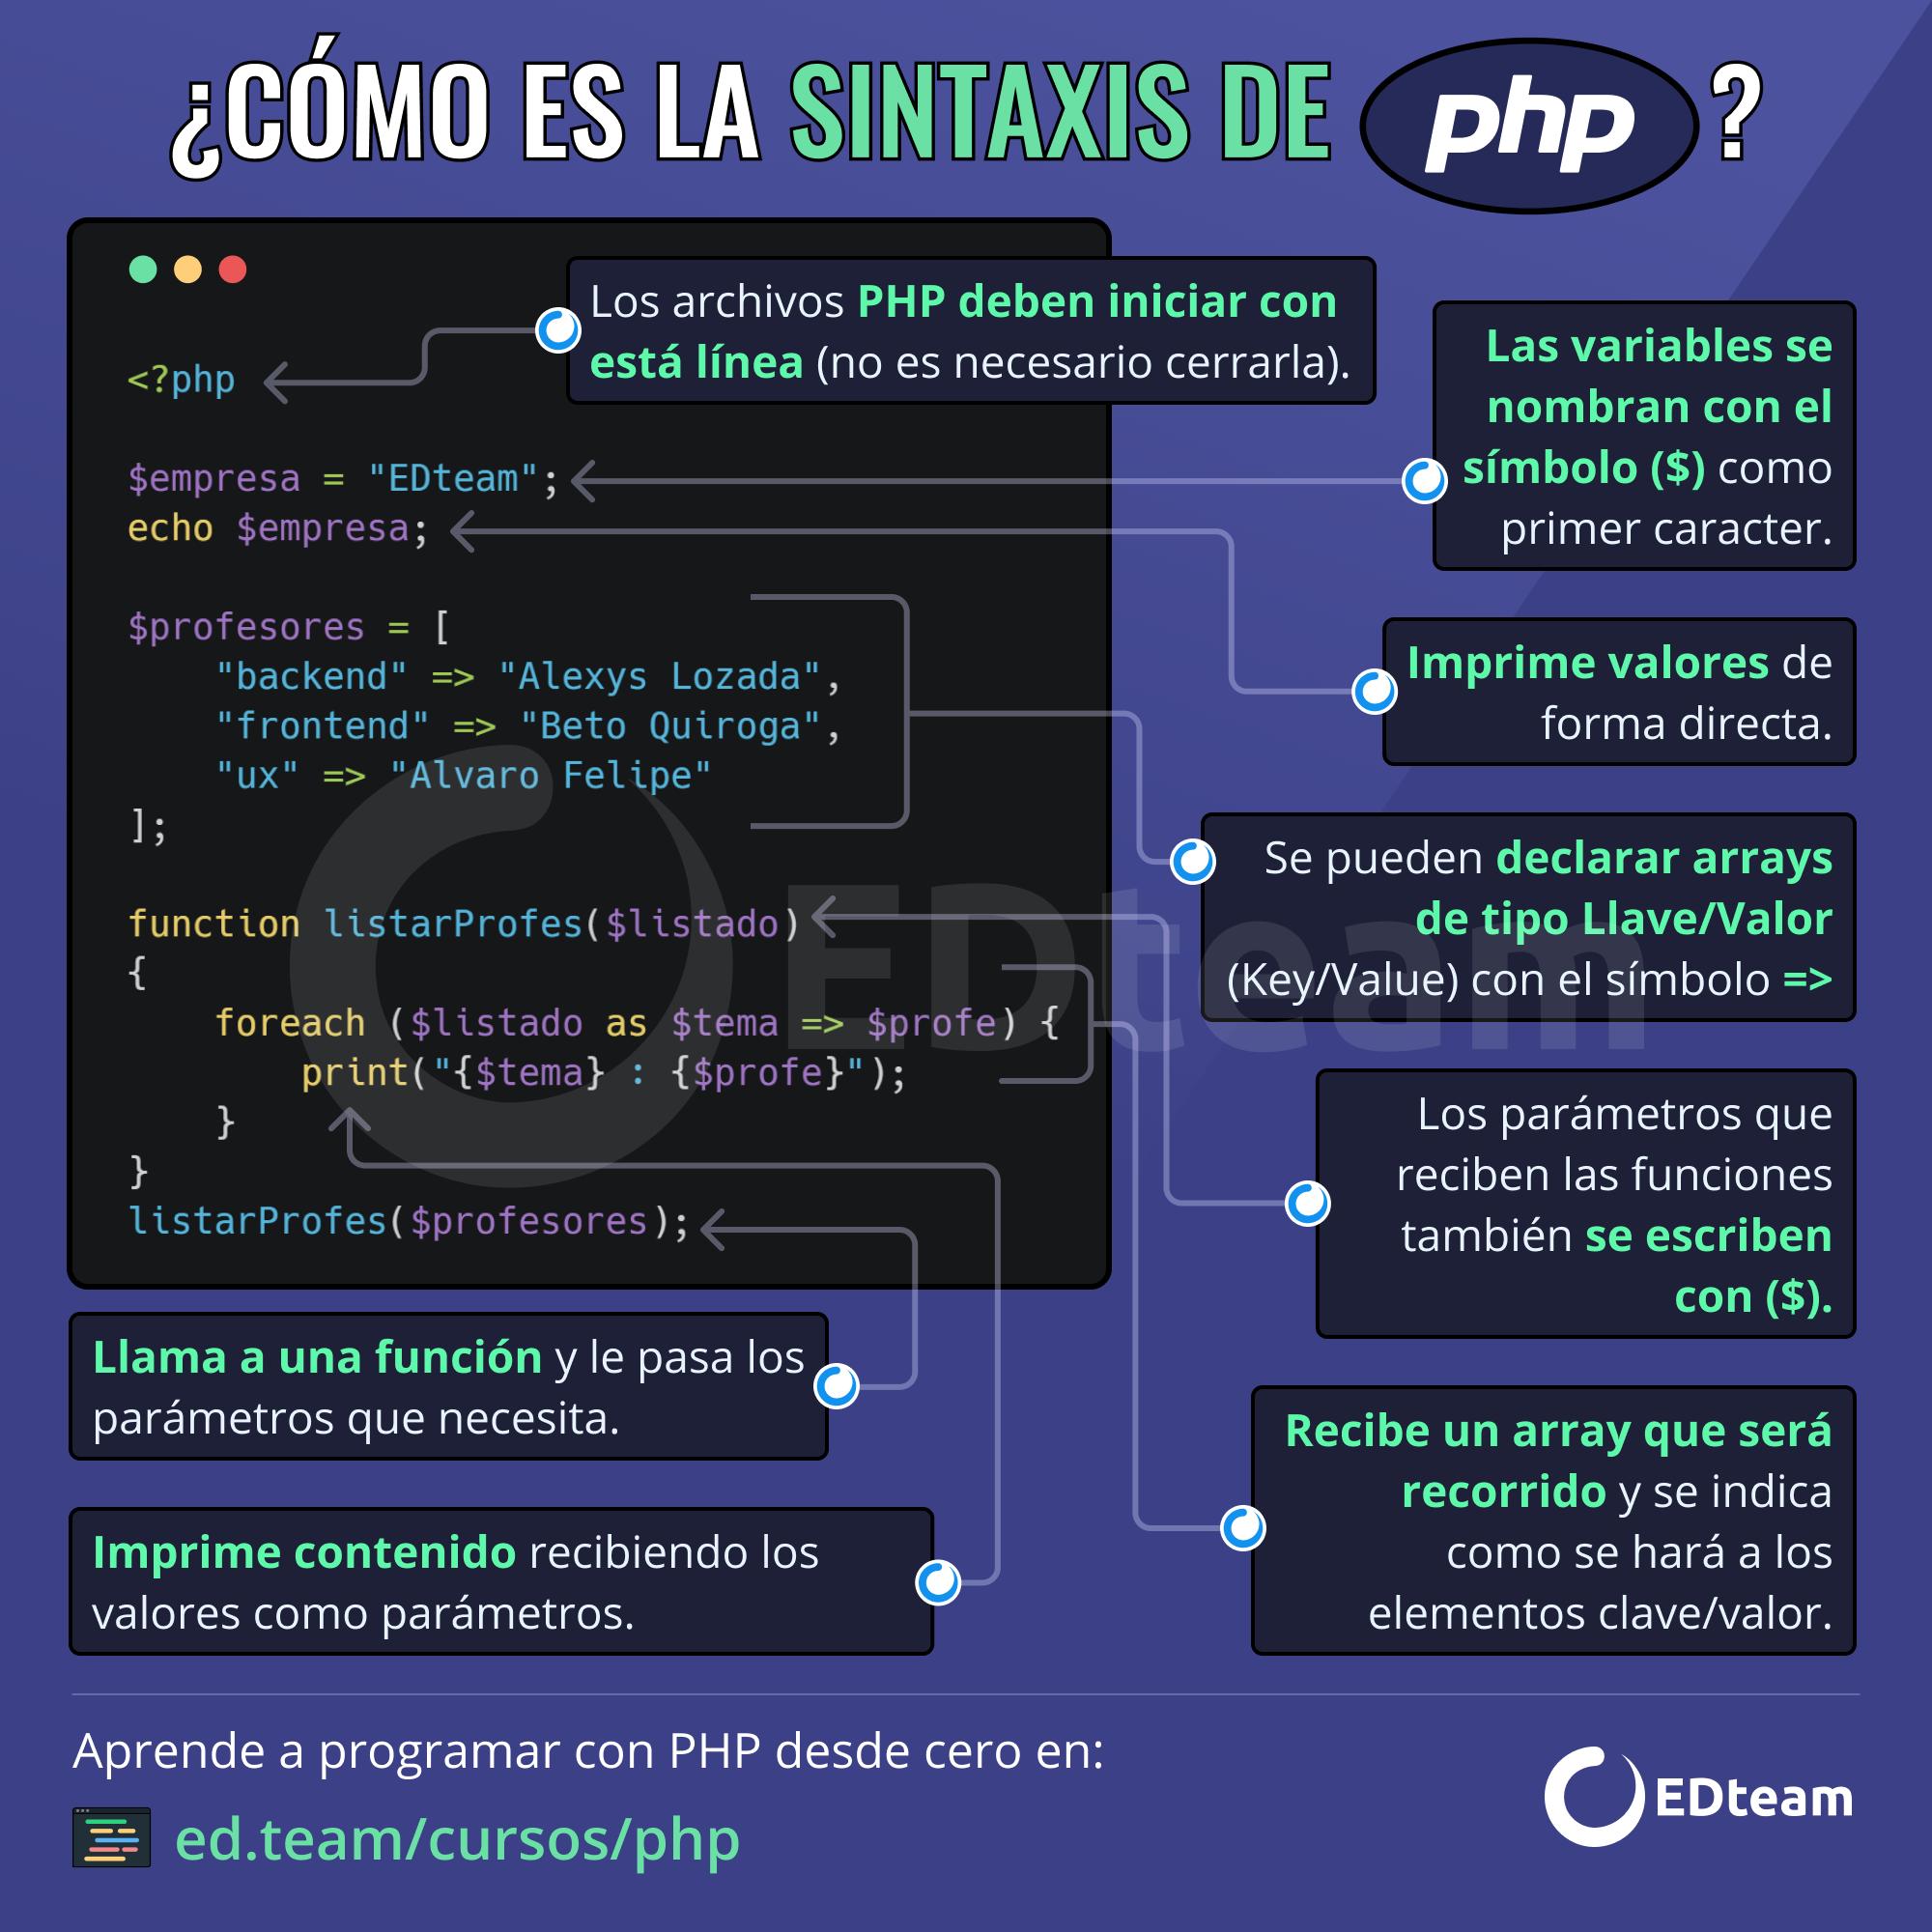 Cómo Es La Sintaxis De Php Informatica Programacion Informatica Y Computacion Tecnologias De La Informacion Y Comunicacion